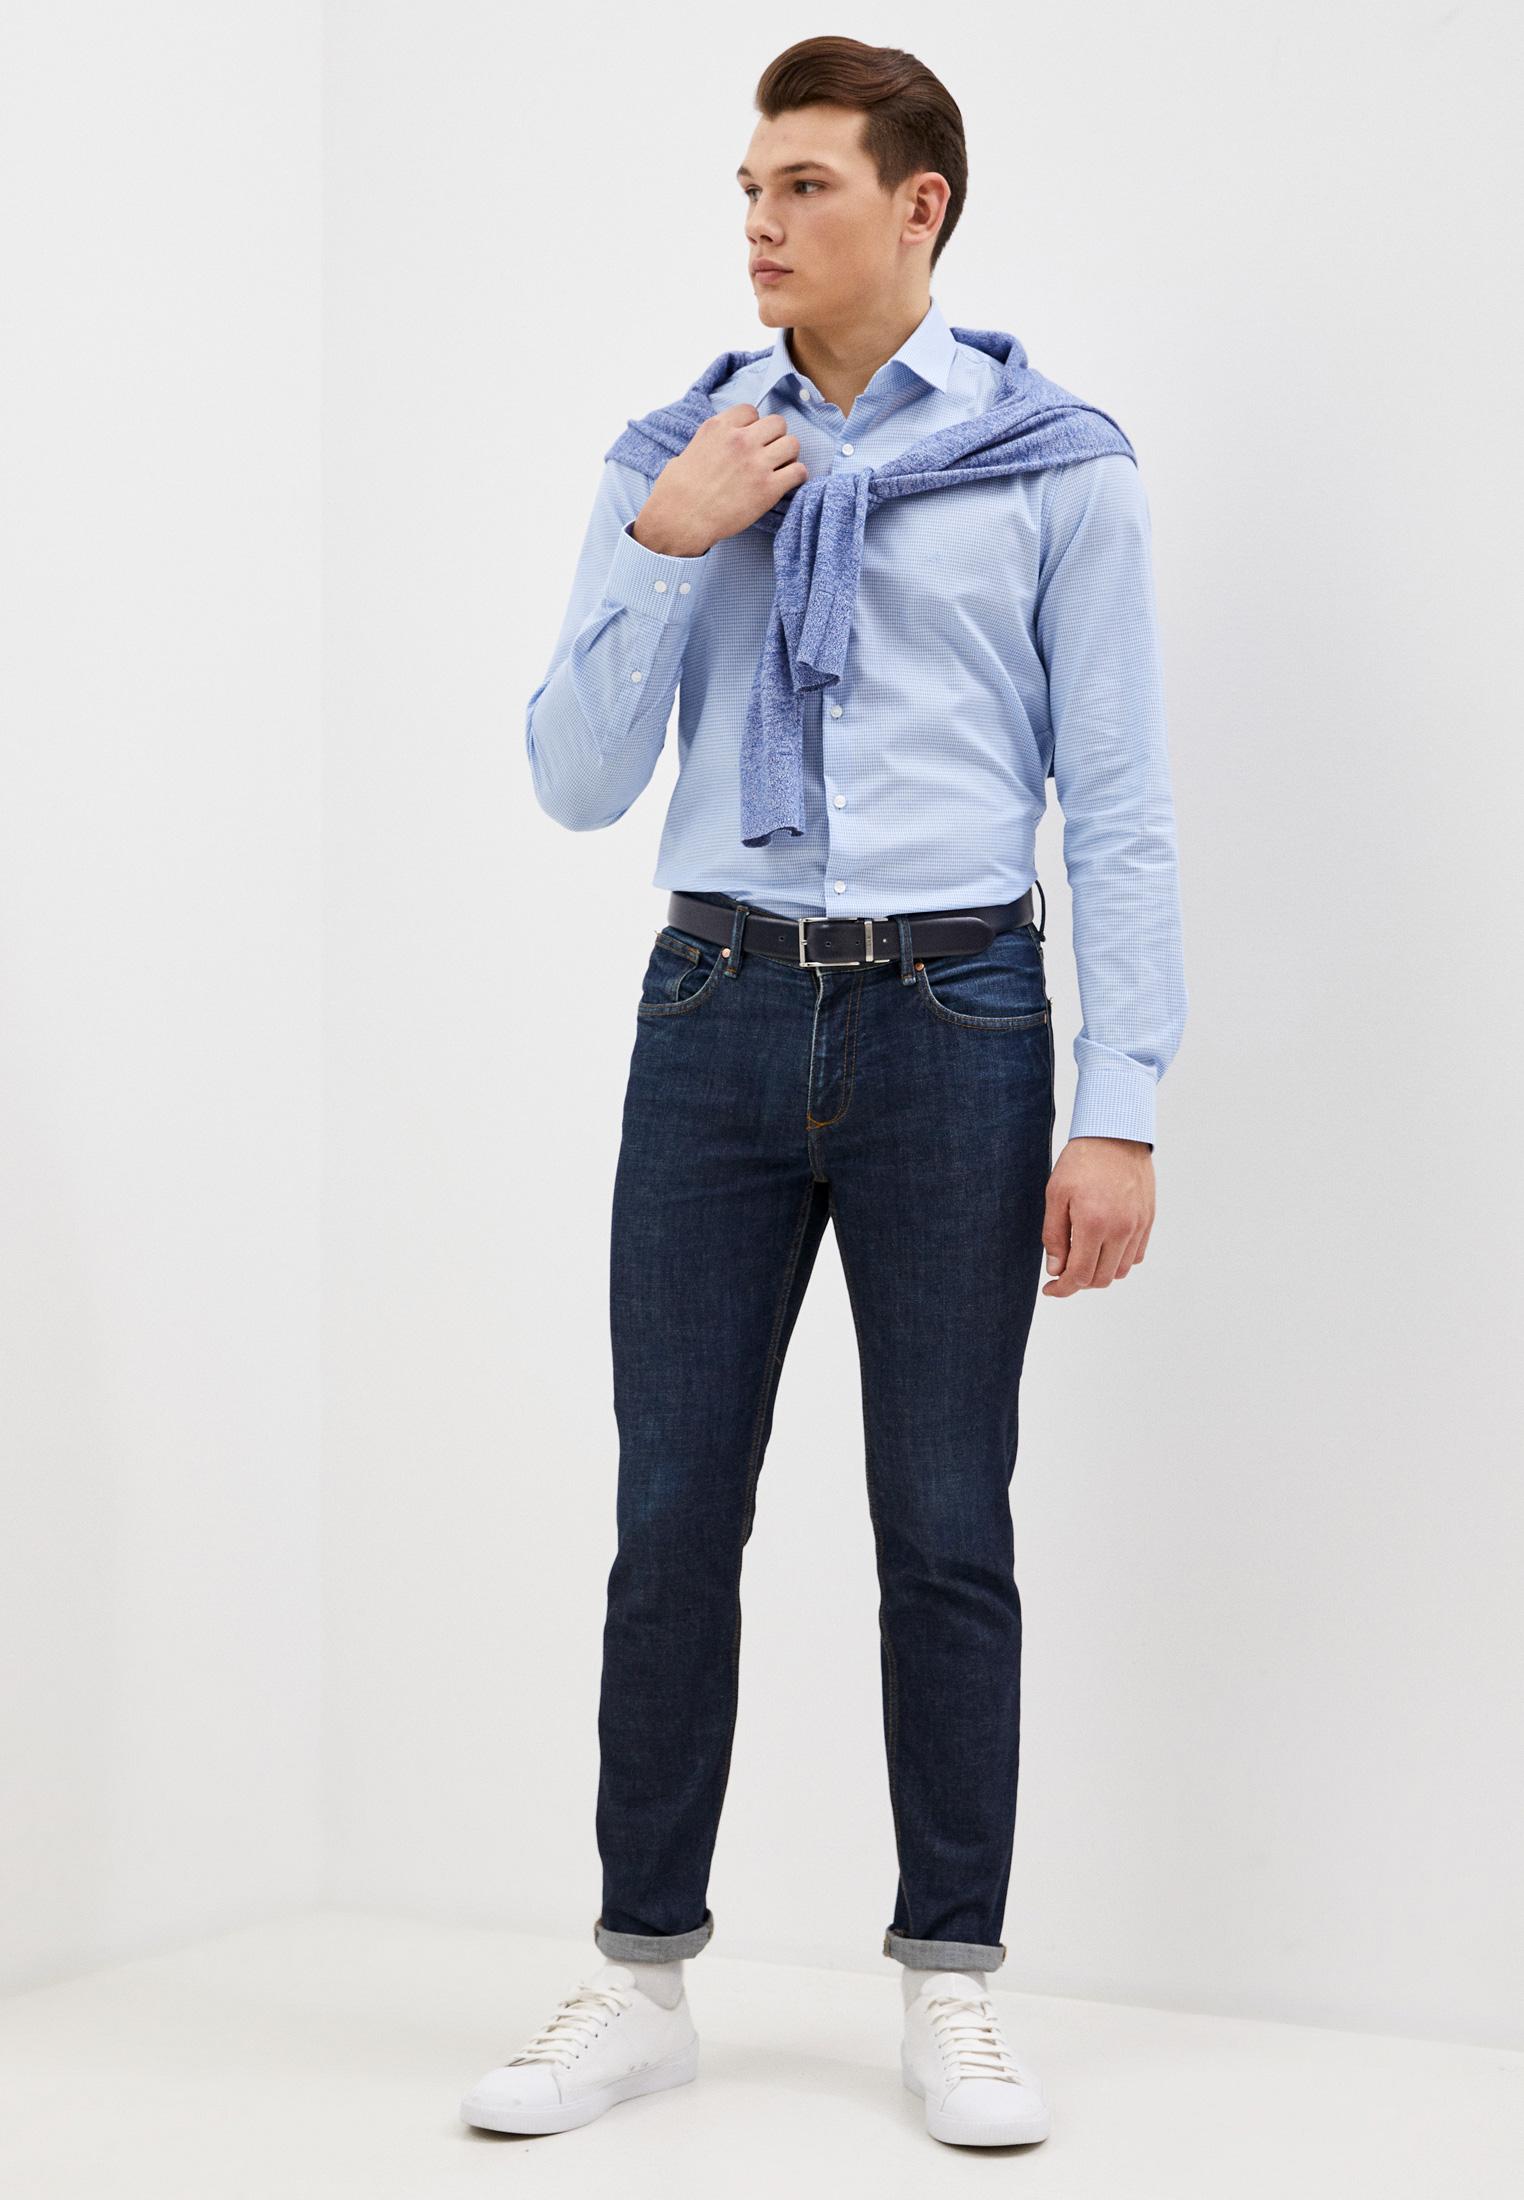 Рубашка с длинным рукавом Calvin Klein (Кельвин Кляйн) k10k106226: изображение 3